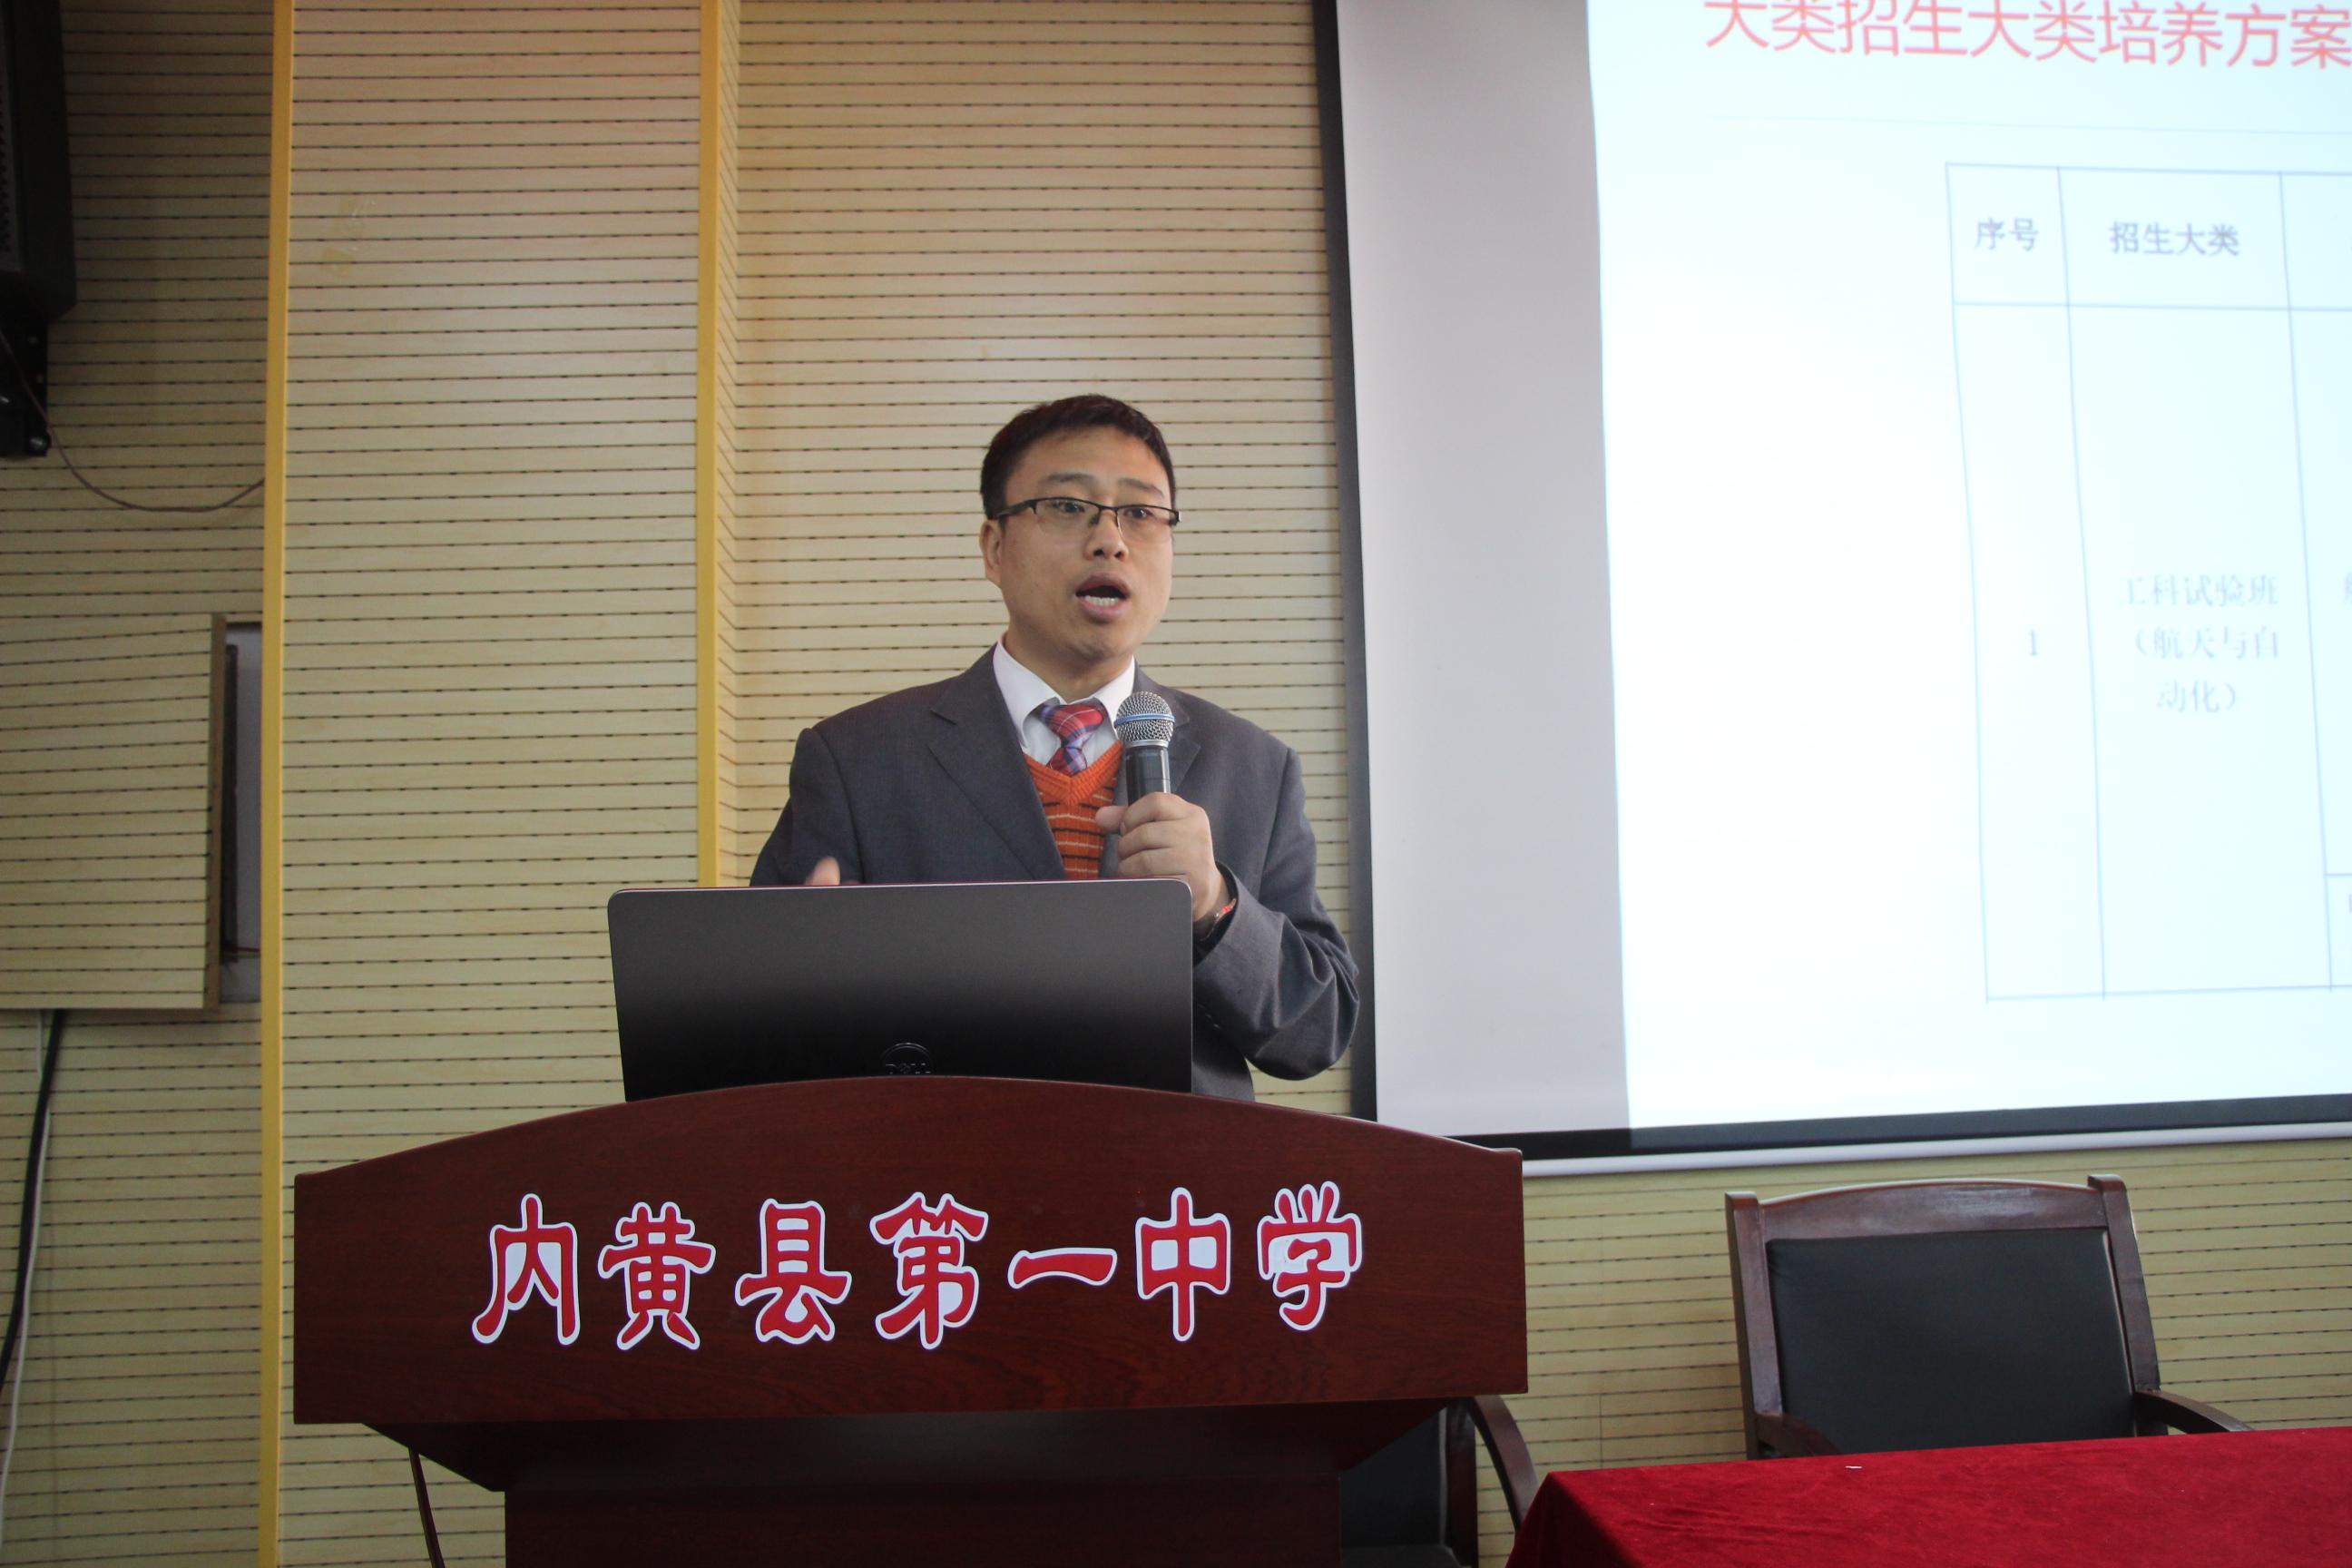 哈尔滨工业大学招生负责人莅校做招生宣讲-微信图片_20190330175316